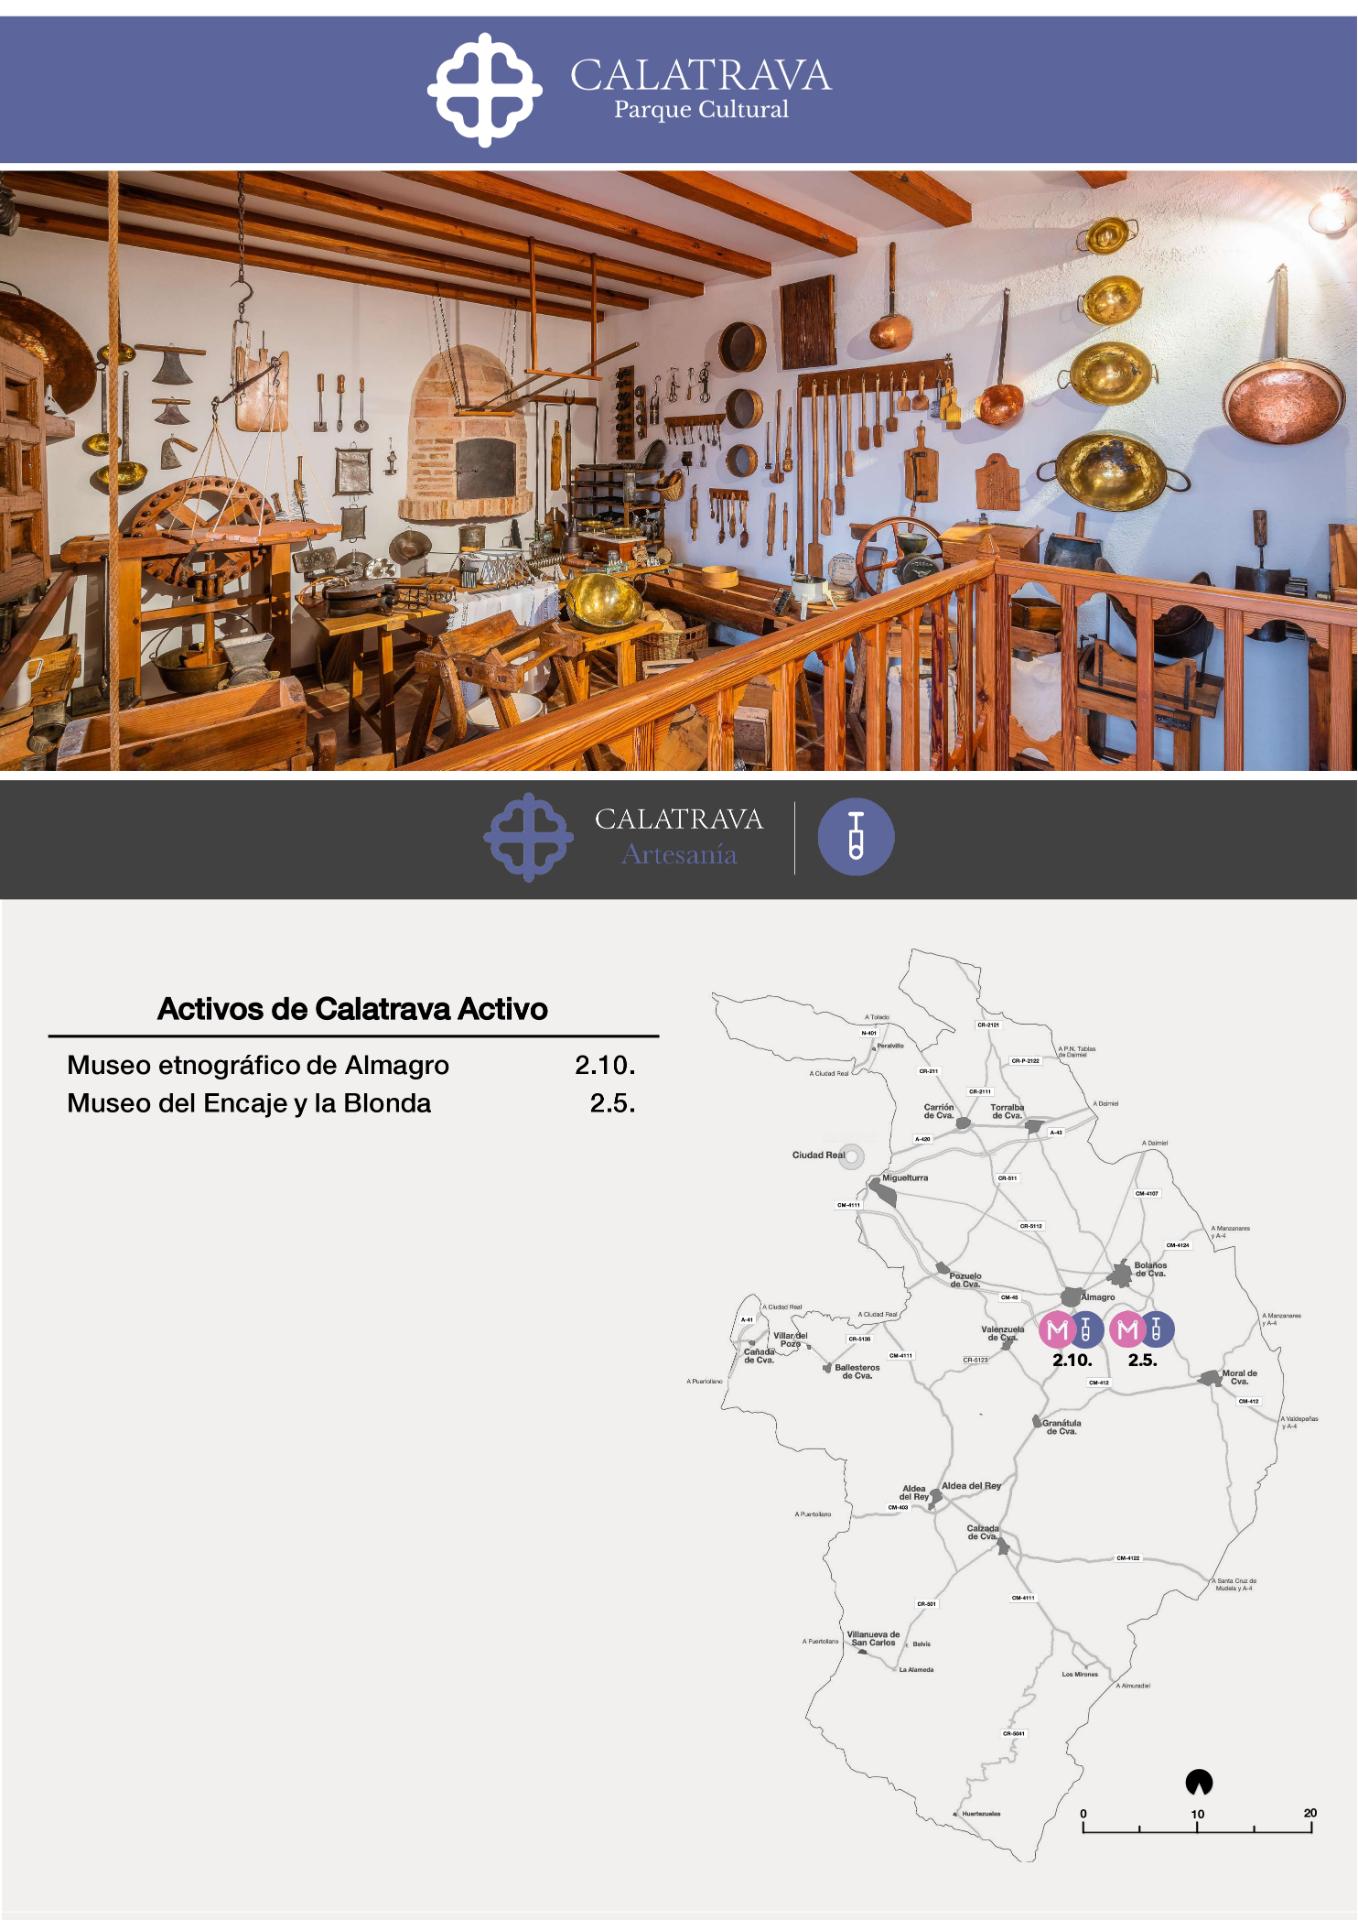 mapa-Calatrava Artesanía